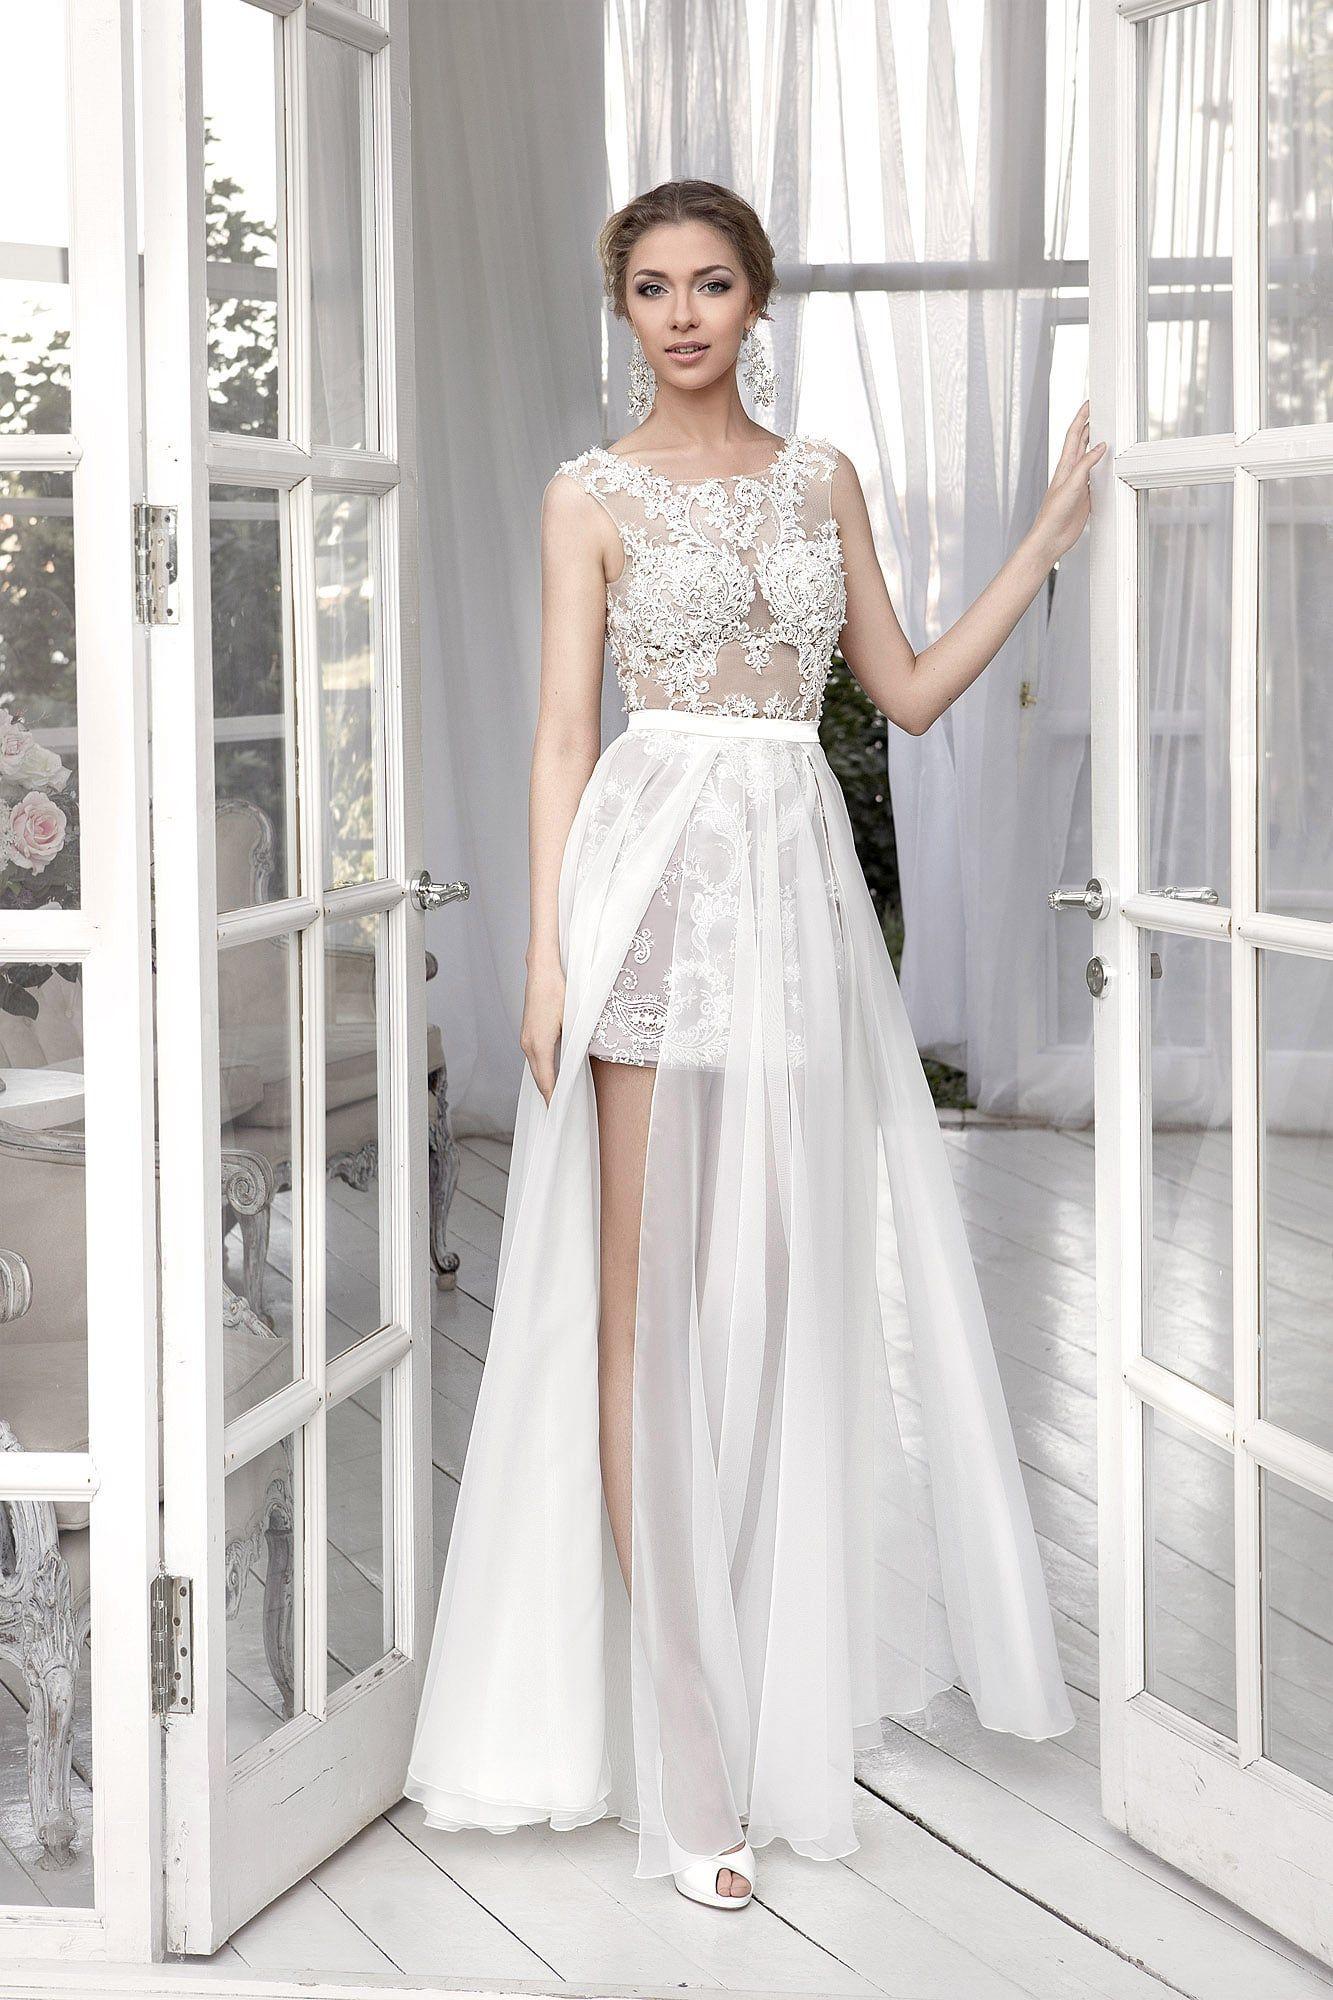 9f9c26ae1 Свадебное платье «футляр» с юбкой до середины бедра и подкладкой в тон кожи.